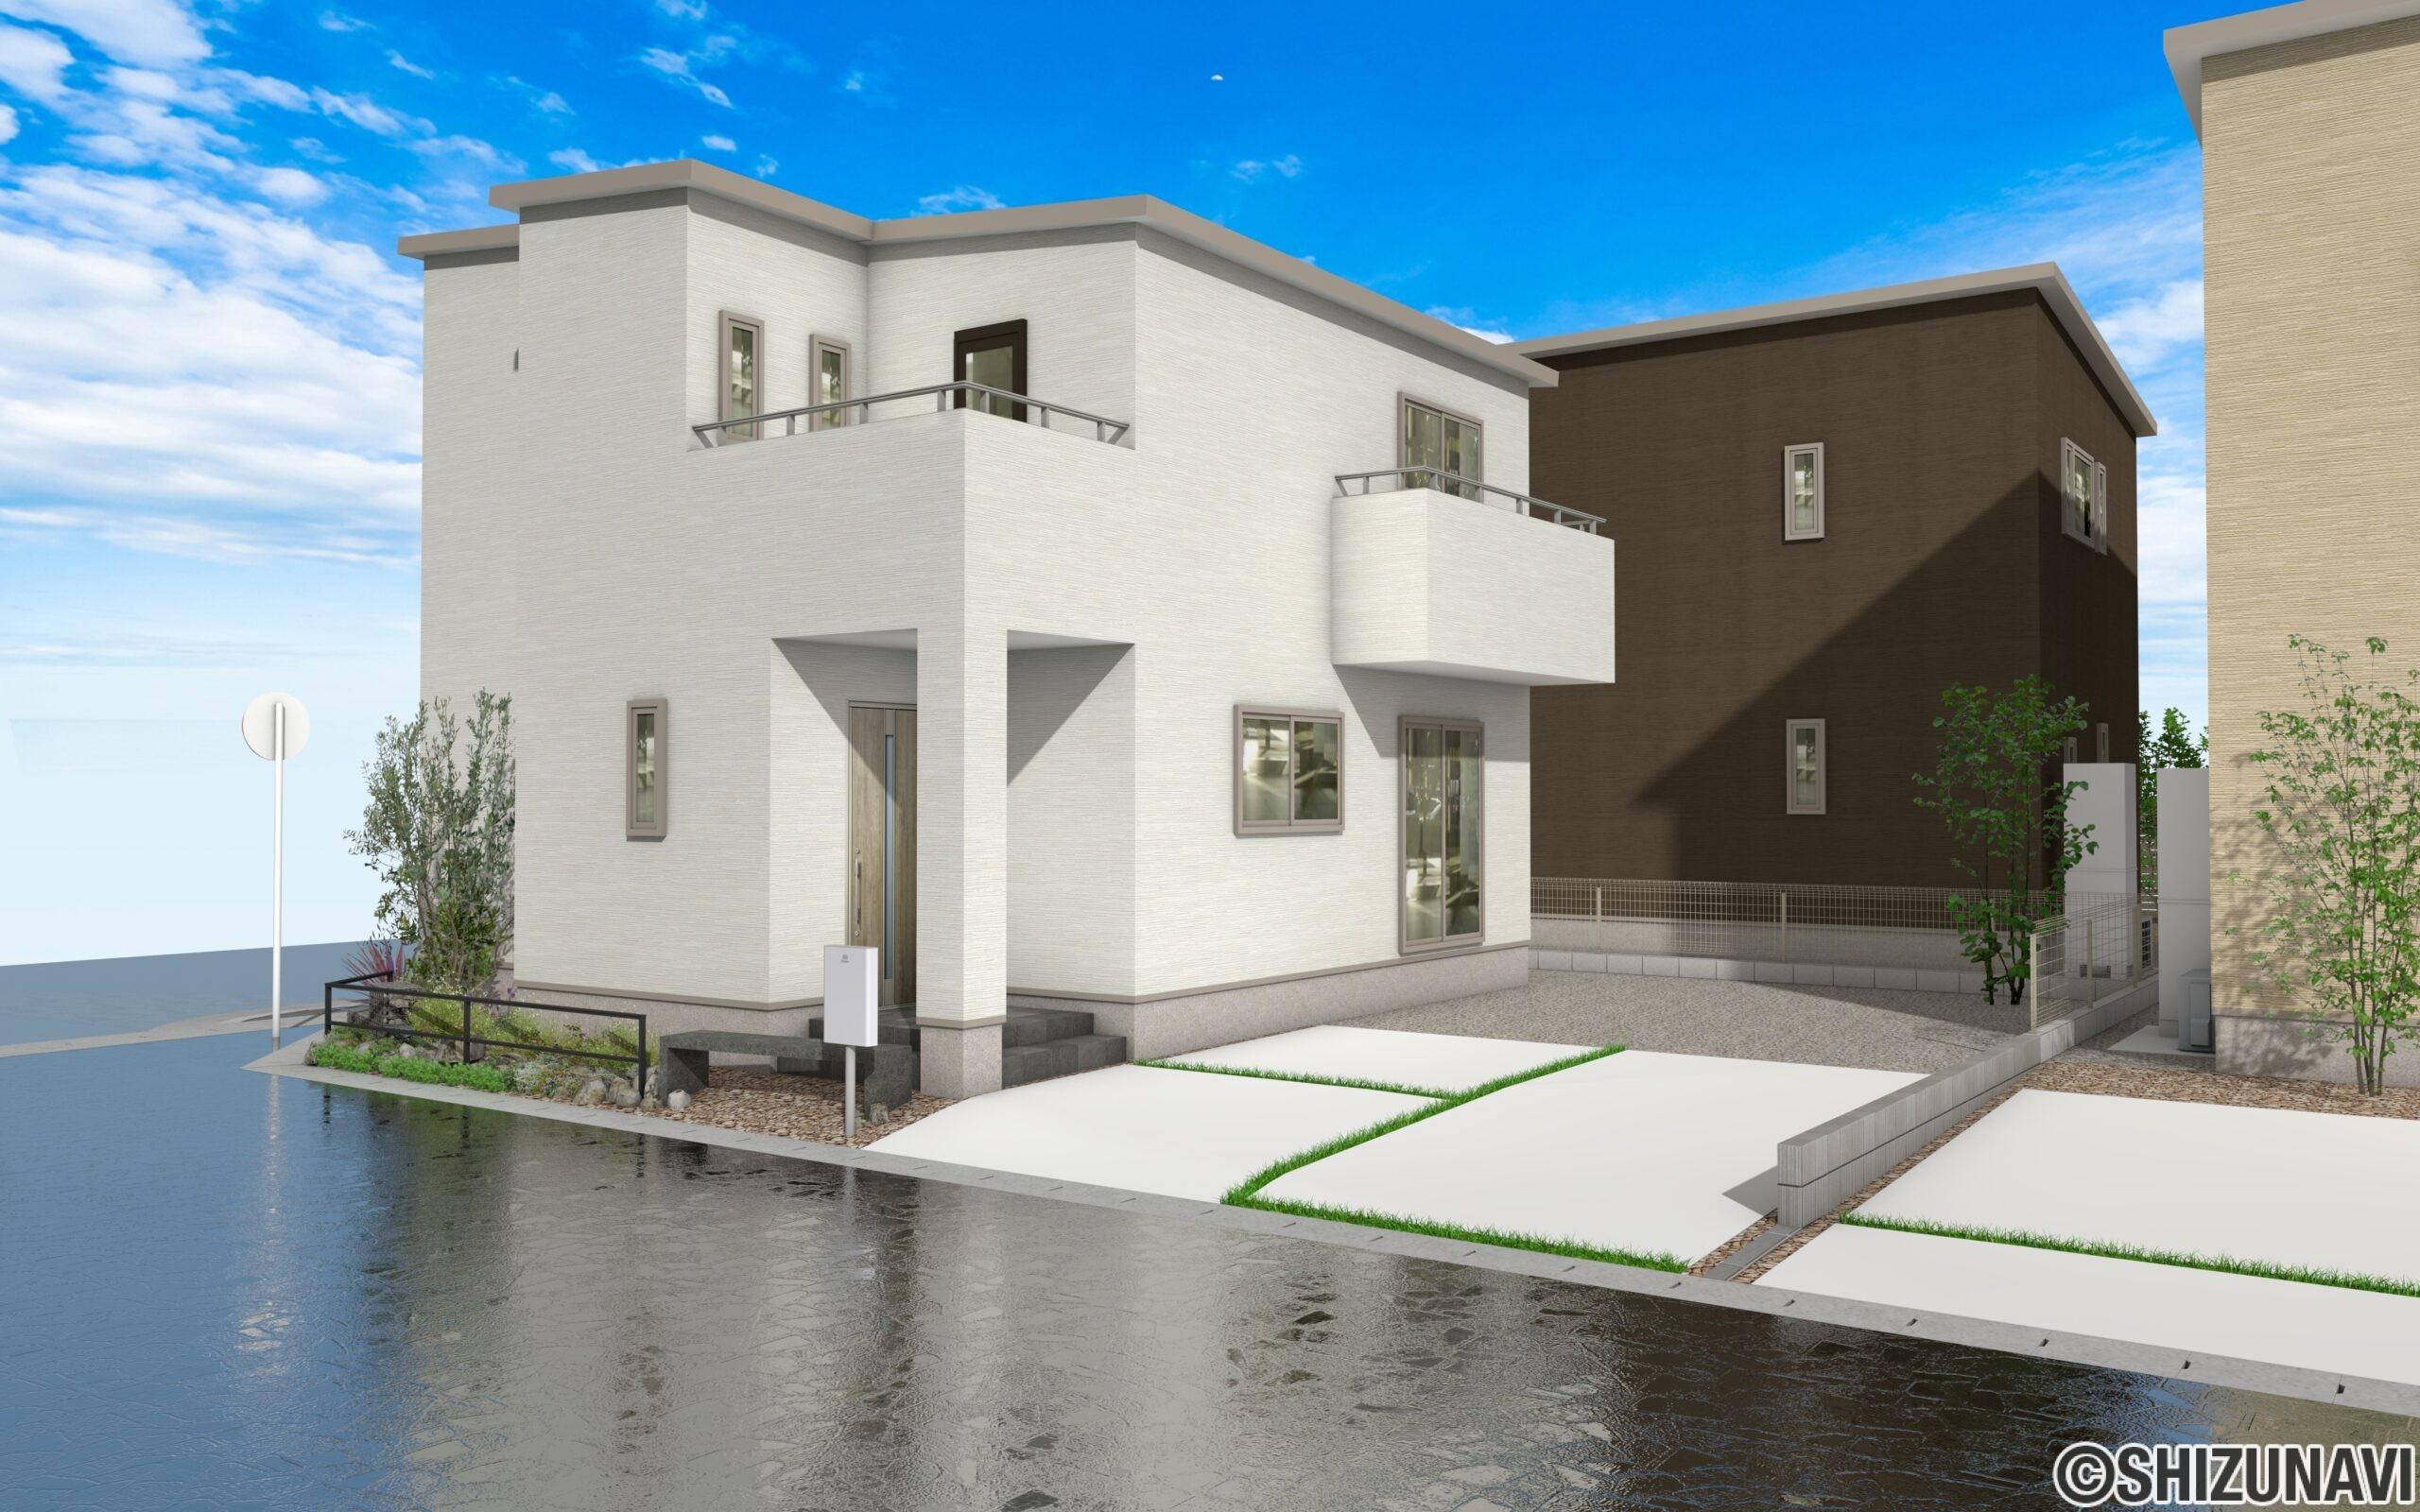 【長期優良認定住宅】浜松市中区高丘西1丁目【F棟】耐震等級3 アルハウス